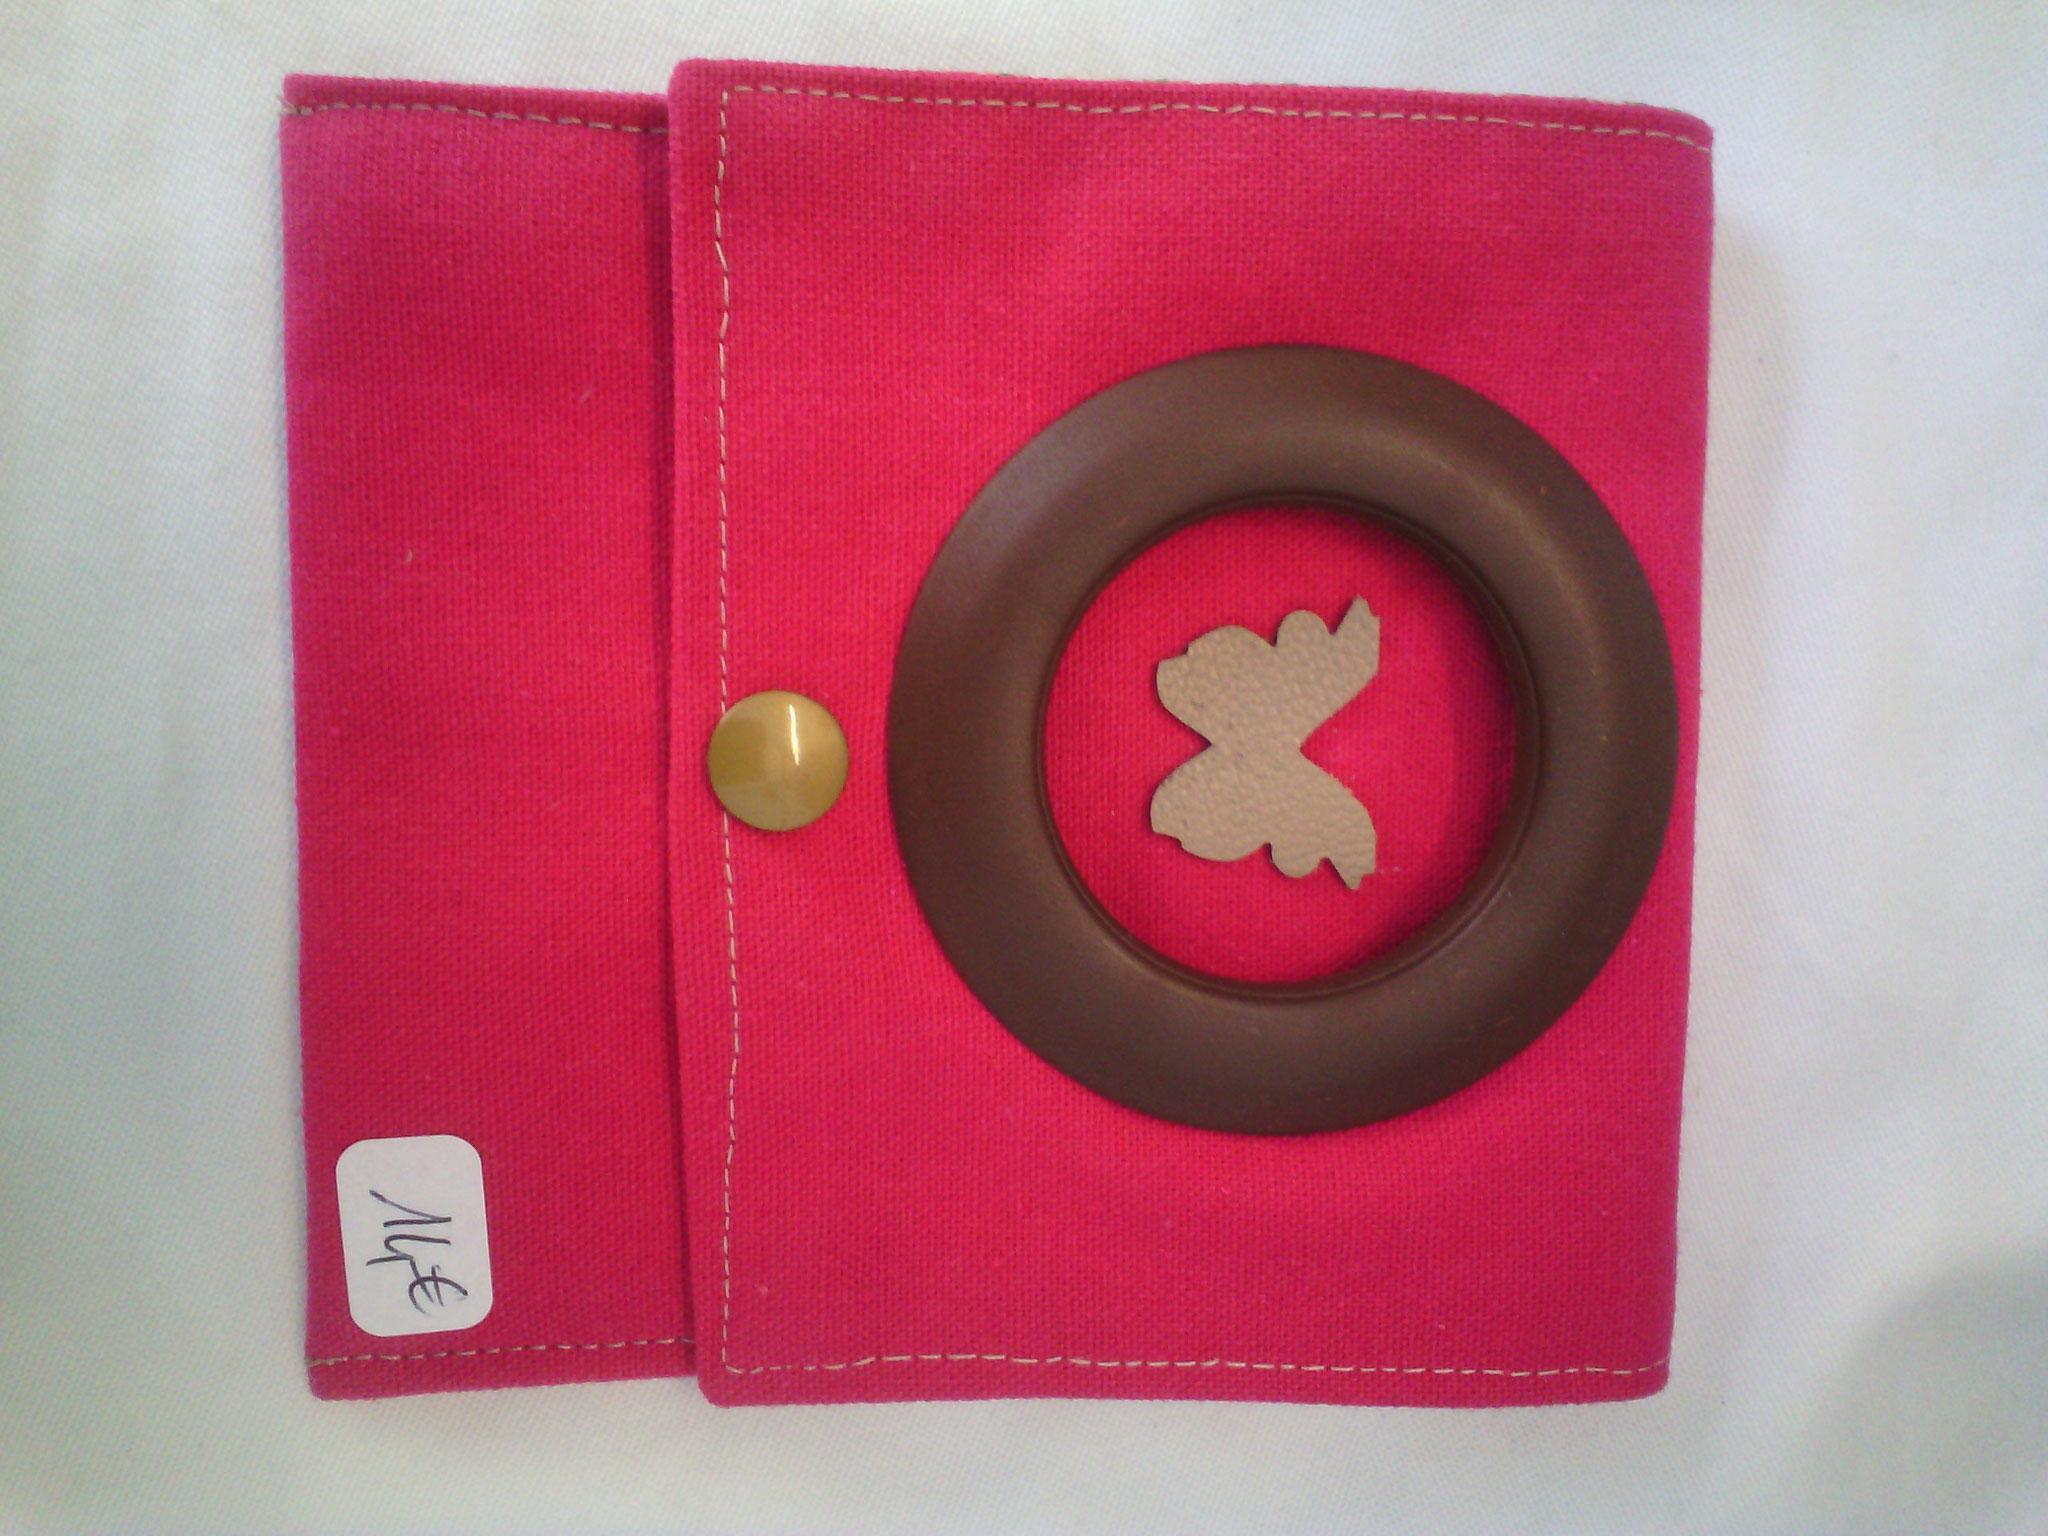 Pochette chargeur portable, couleur rose, tissu épais